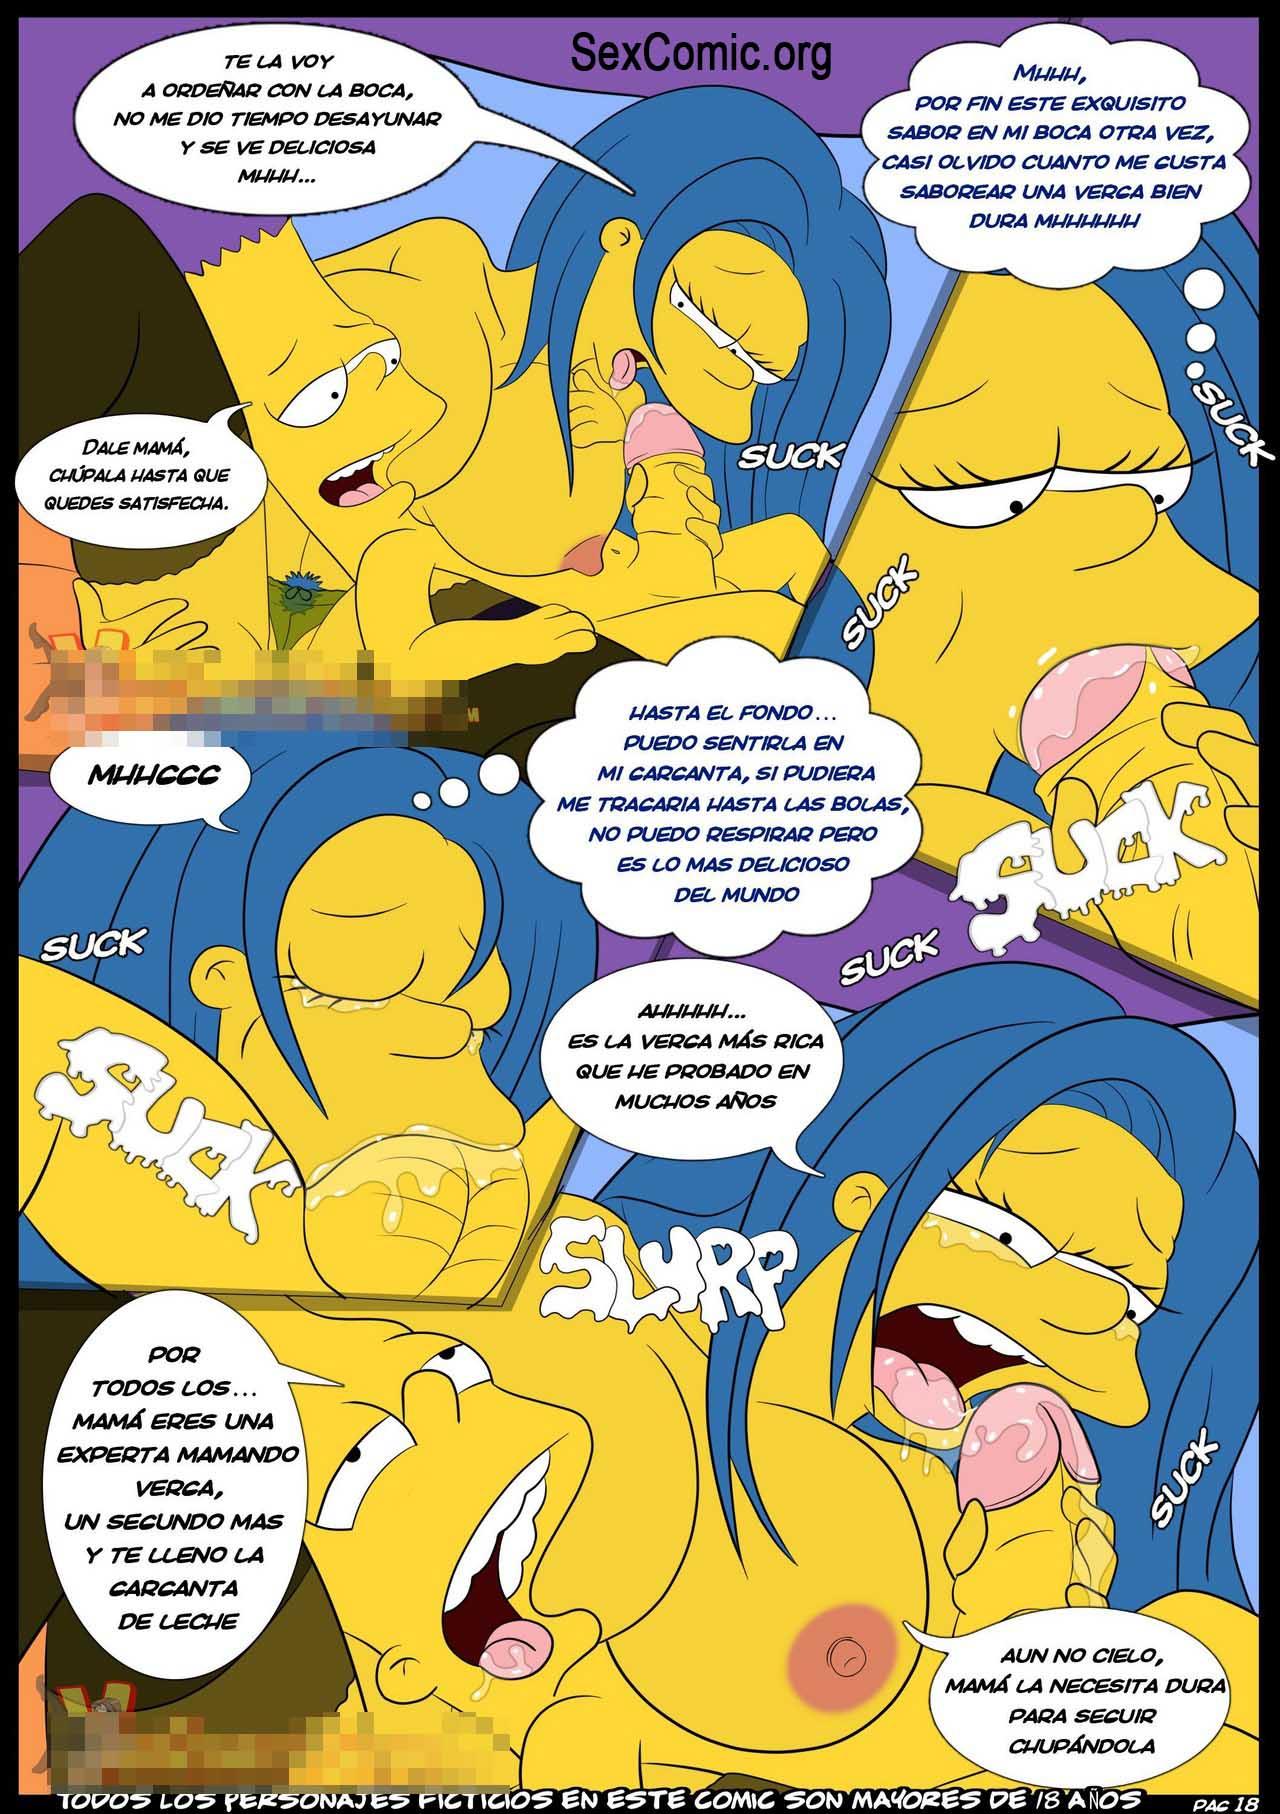 Los Simpsons xxx -incesto-bart-march-follando-cogiendo-sexo-desnuda-video-historieta-comic-los-simpsons-porno-follando-con-mama (19)